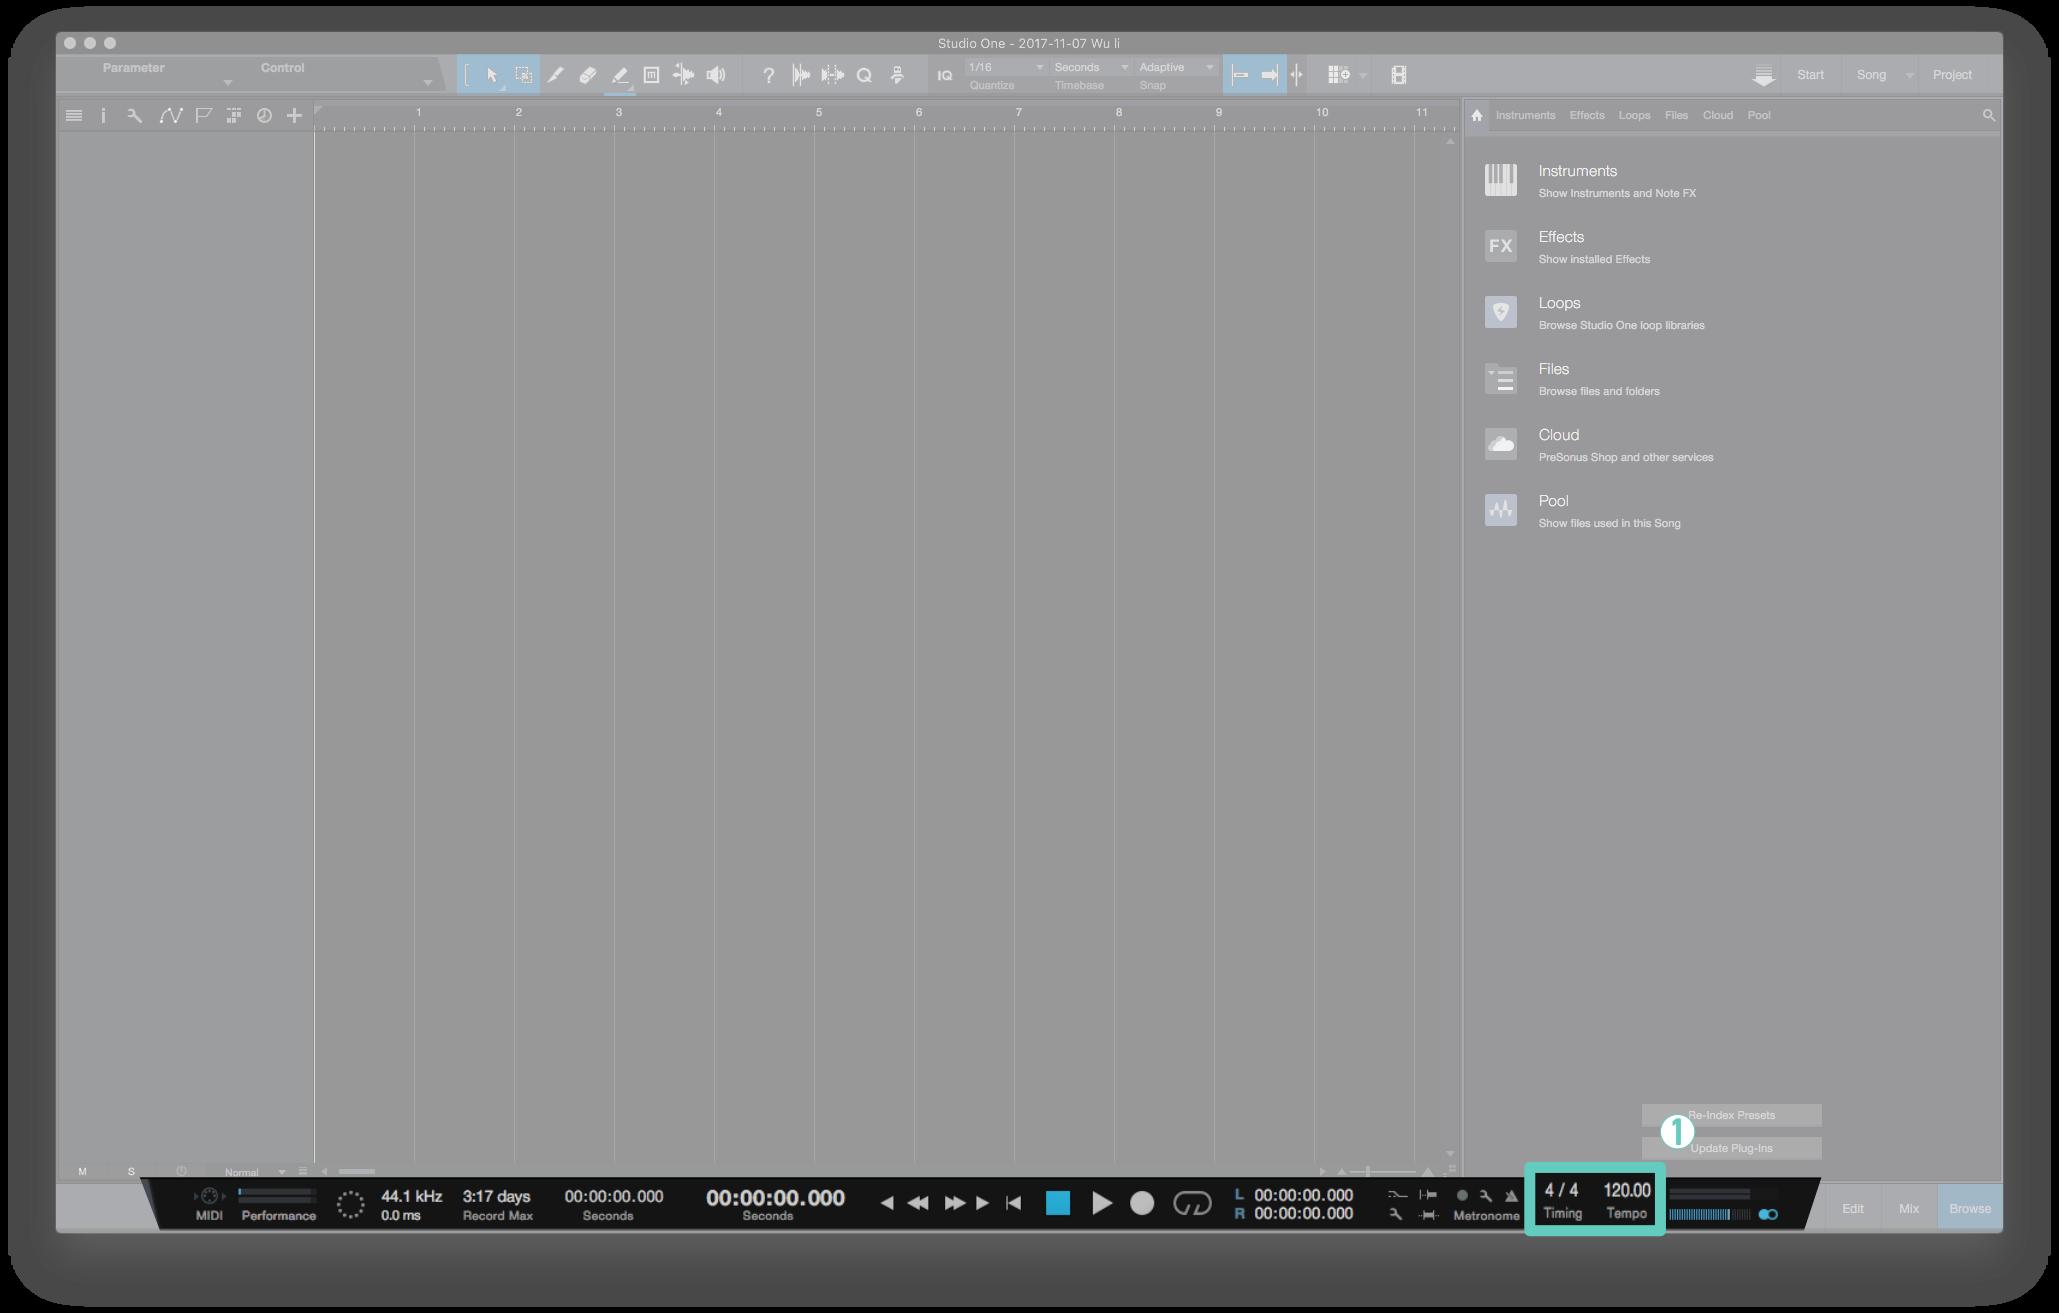 在 Studio One 的編曲視窗右下方,你可以看到當前 Song 的歌曲速度與拍號;同時也能用點擊以及左鍵拖移的方式去更改。